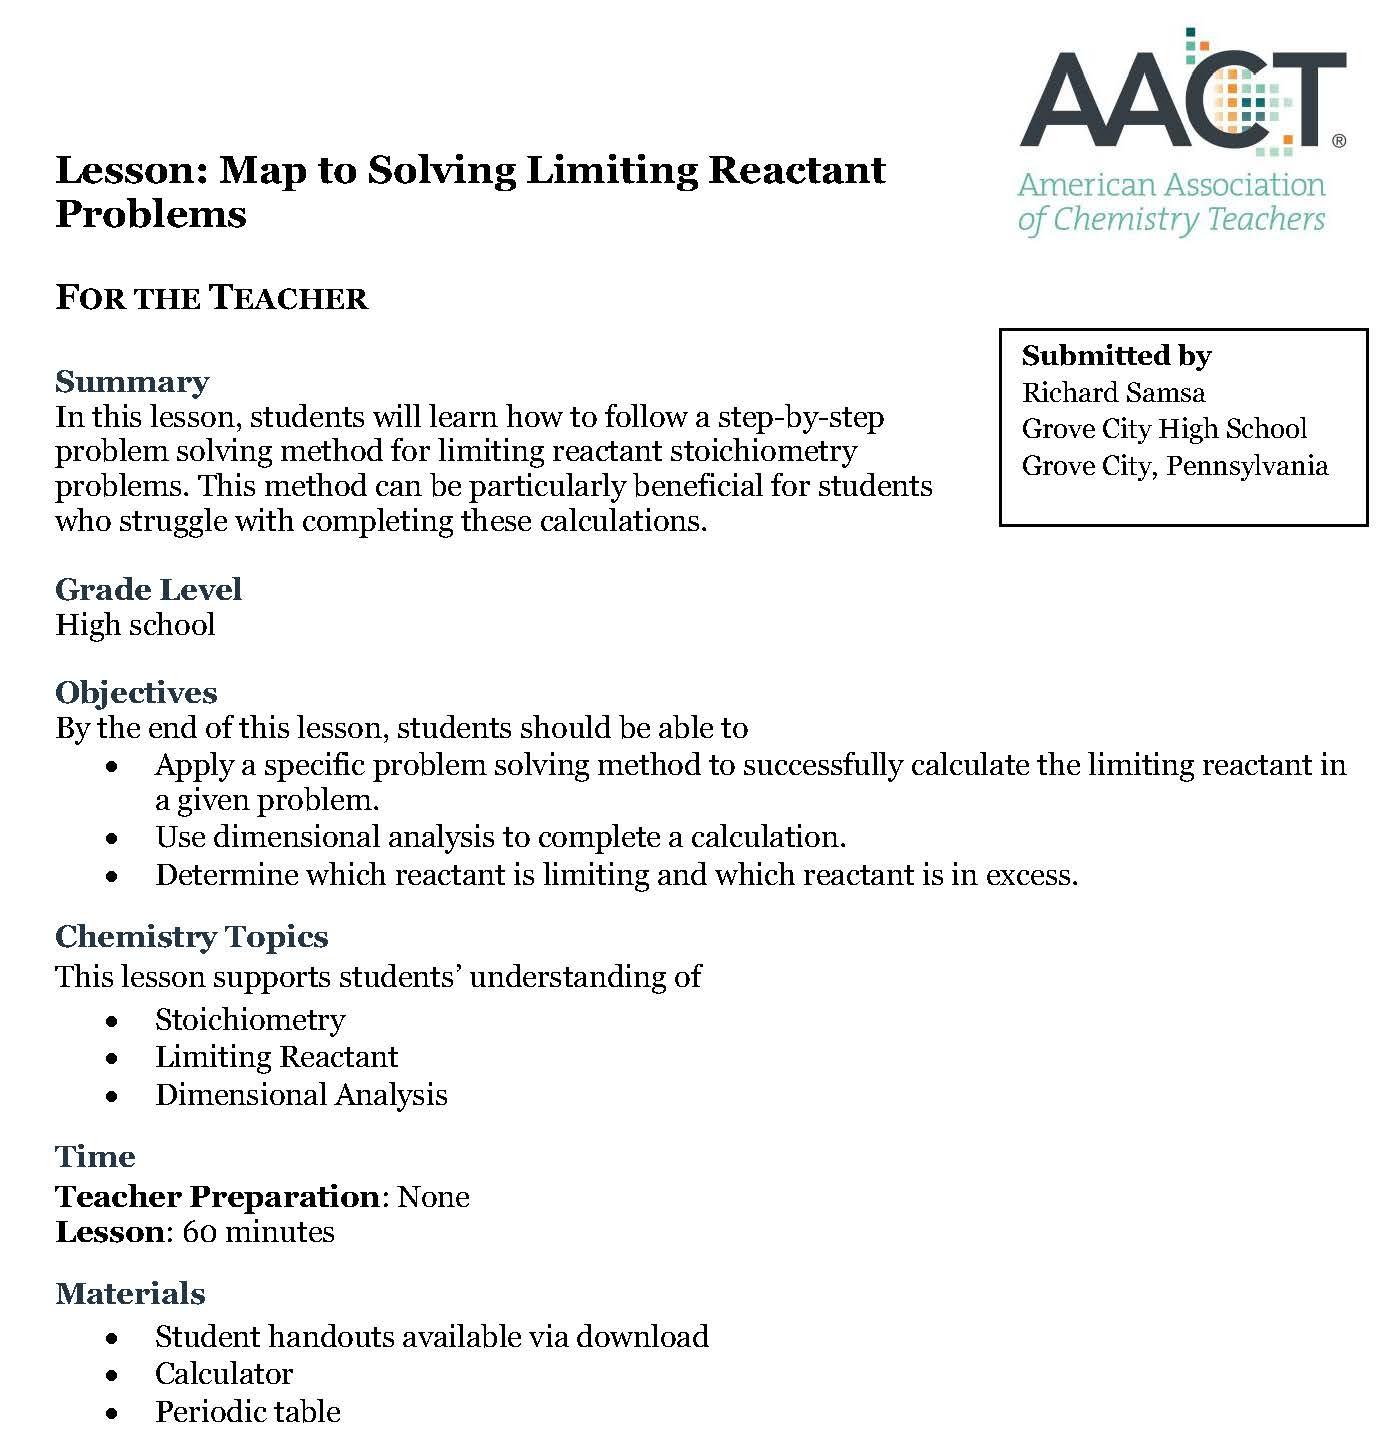 Lesson maptolimitingreactant image